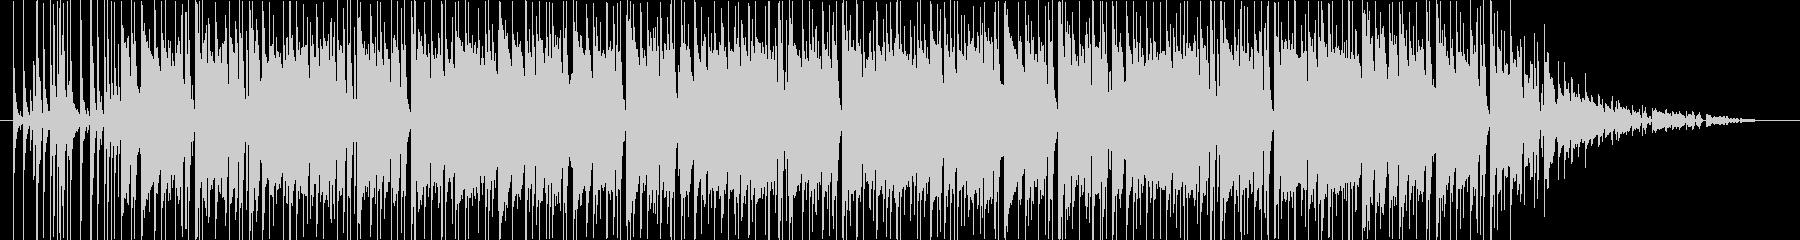 フュージョン系サウンドの未再生の波形